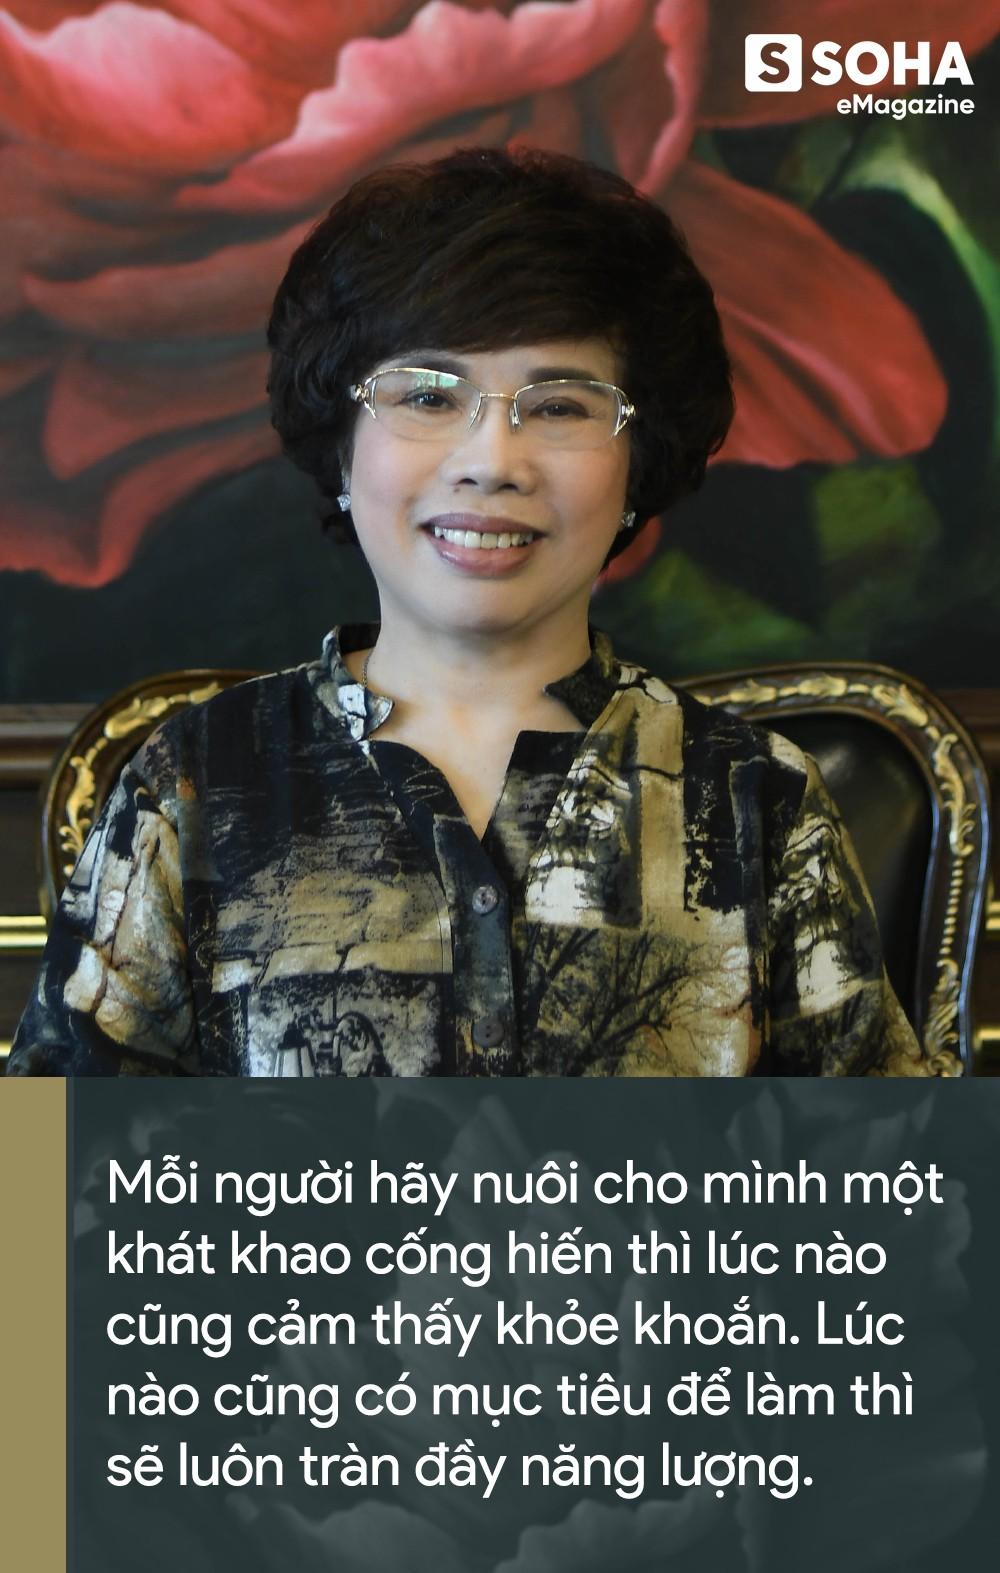 Doanh nhân Thái Hương tiết lộ dược thư chăm sóc sức khỏe và bí quyết để năng động hiếm ai theo kịp - Ảnh 3.